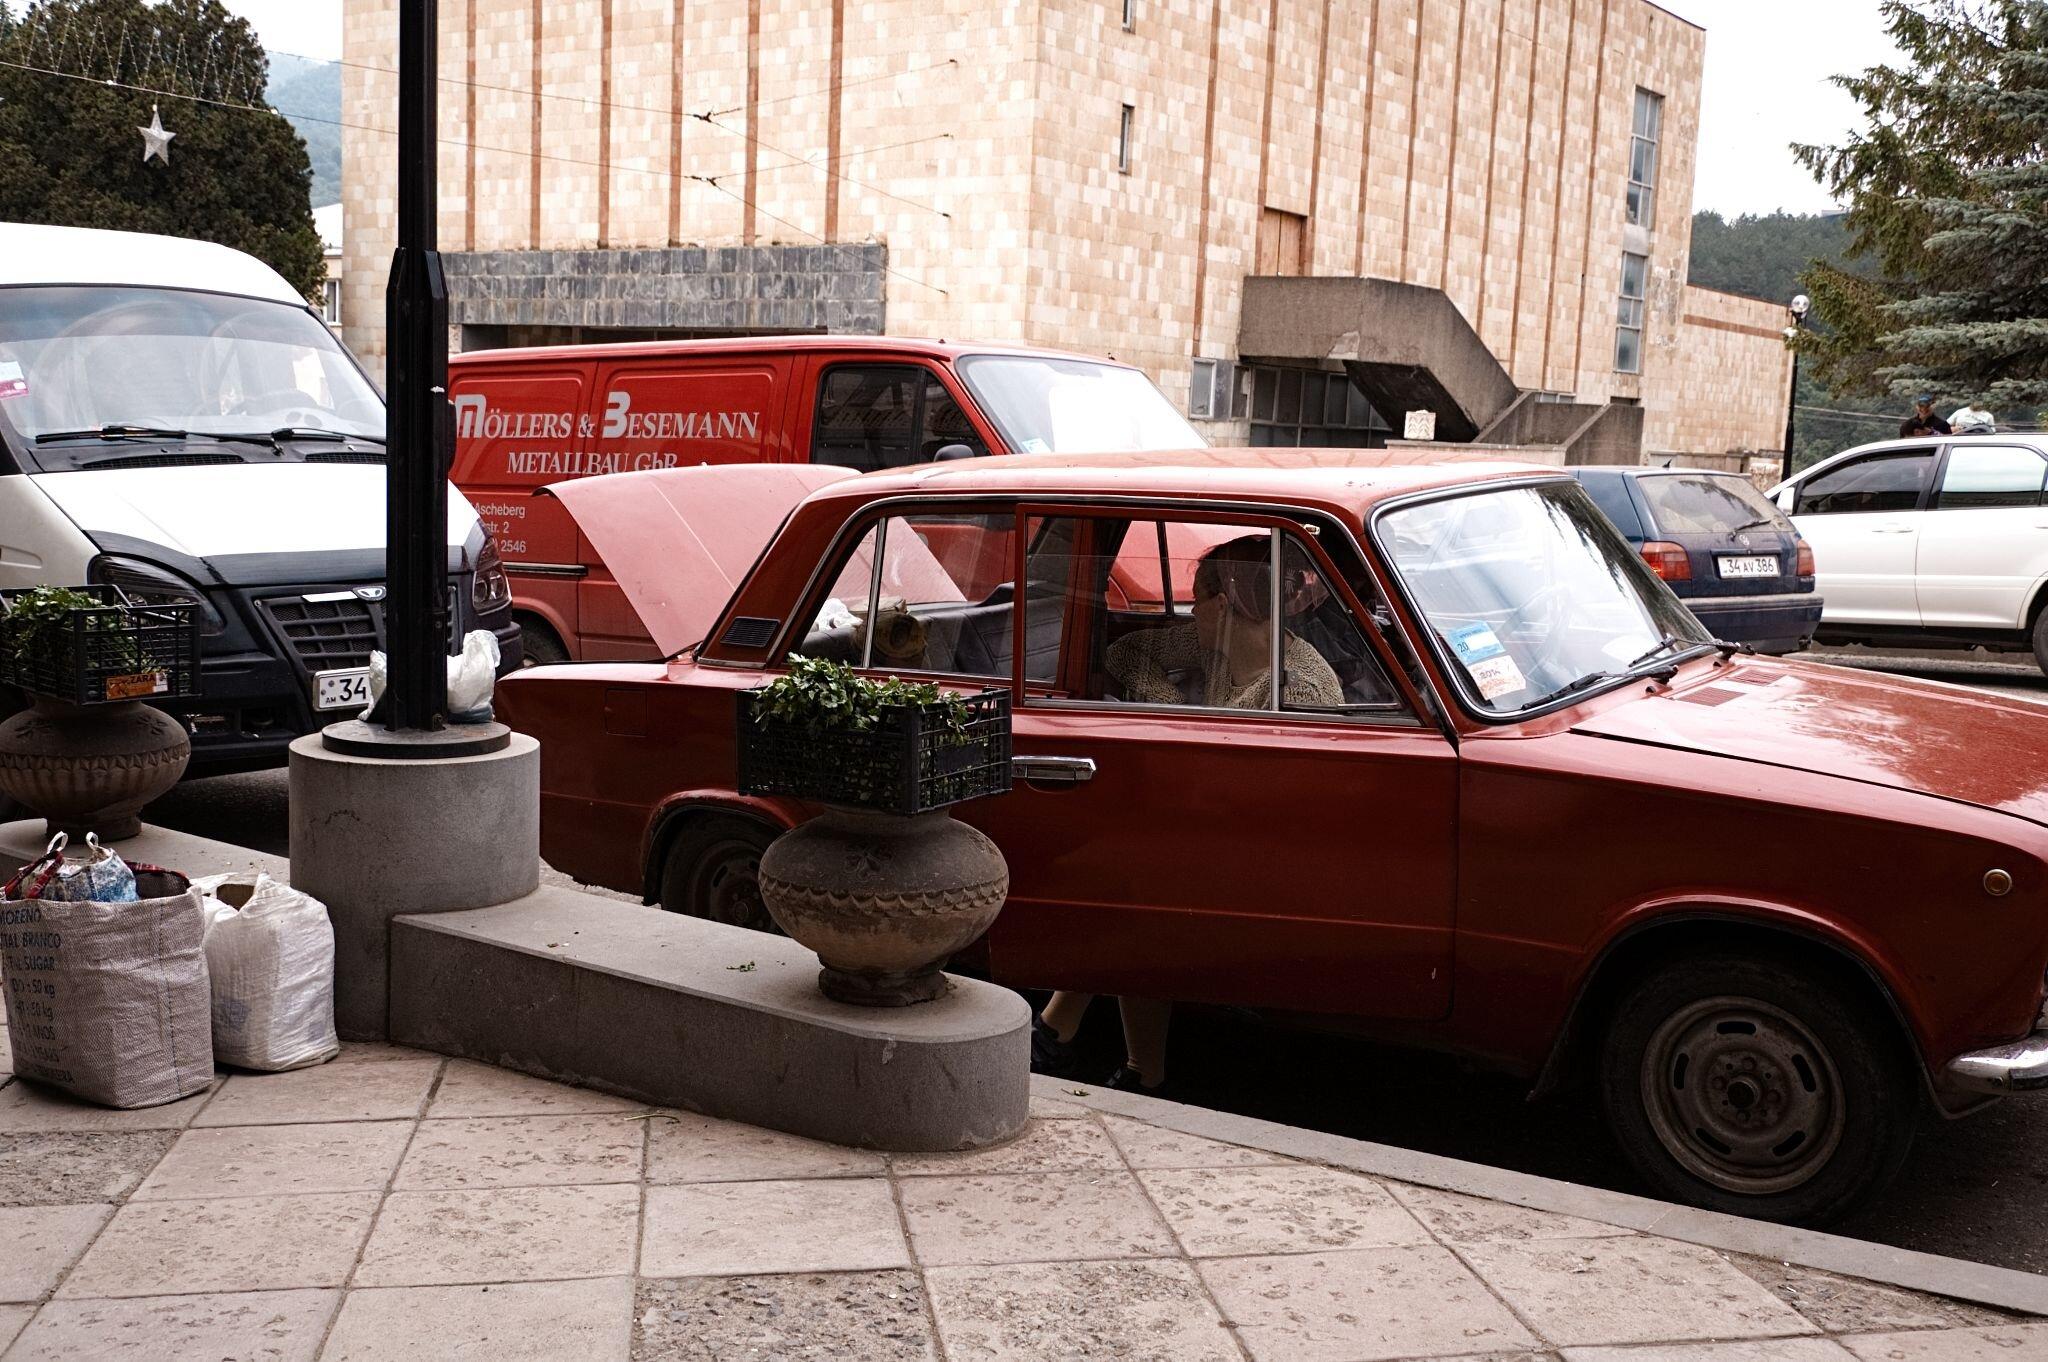 Straßenverkäuferin sitzt in ihrem roten Auto